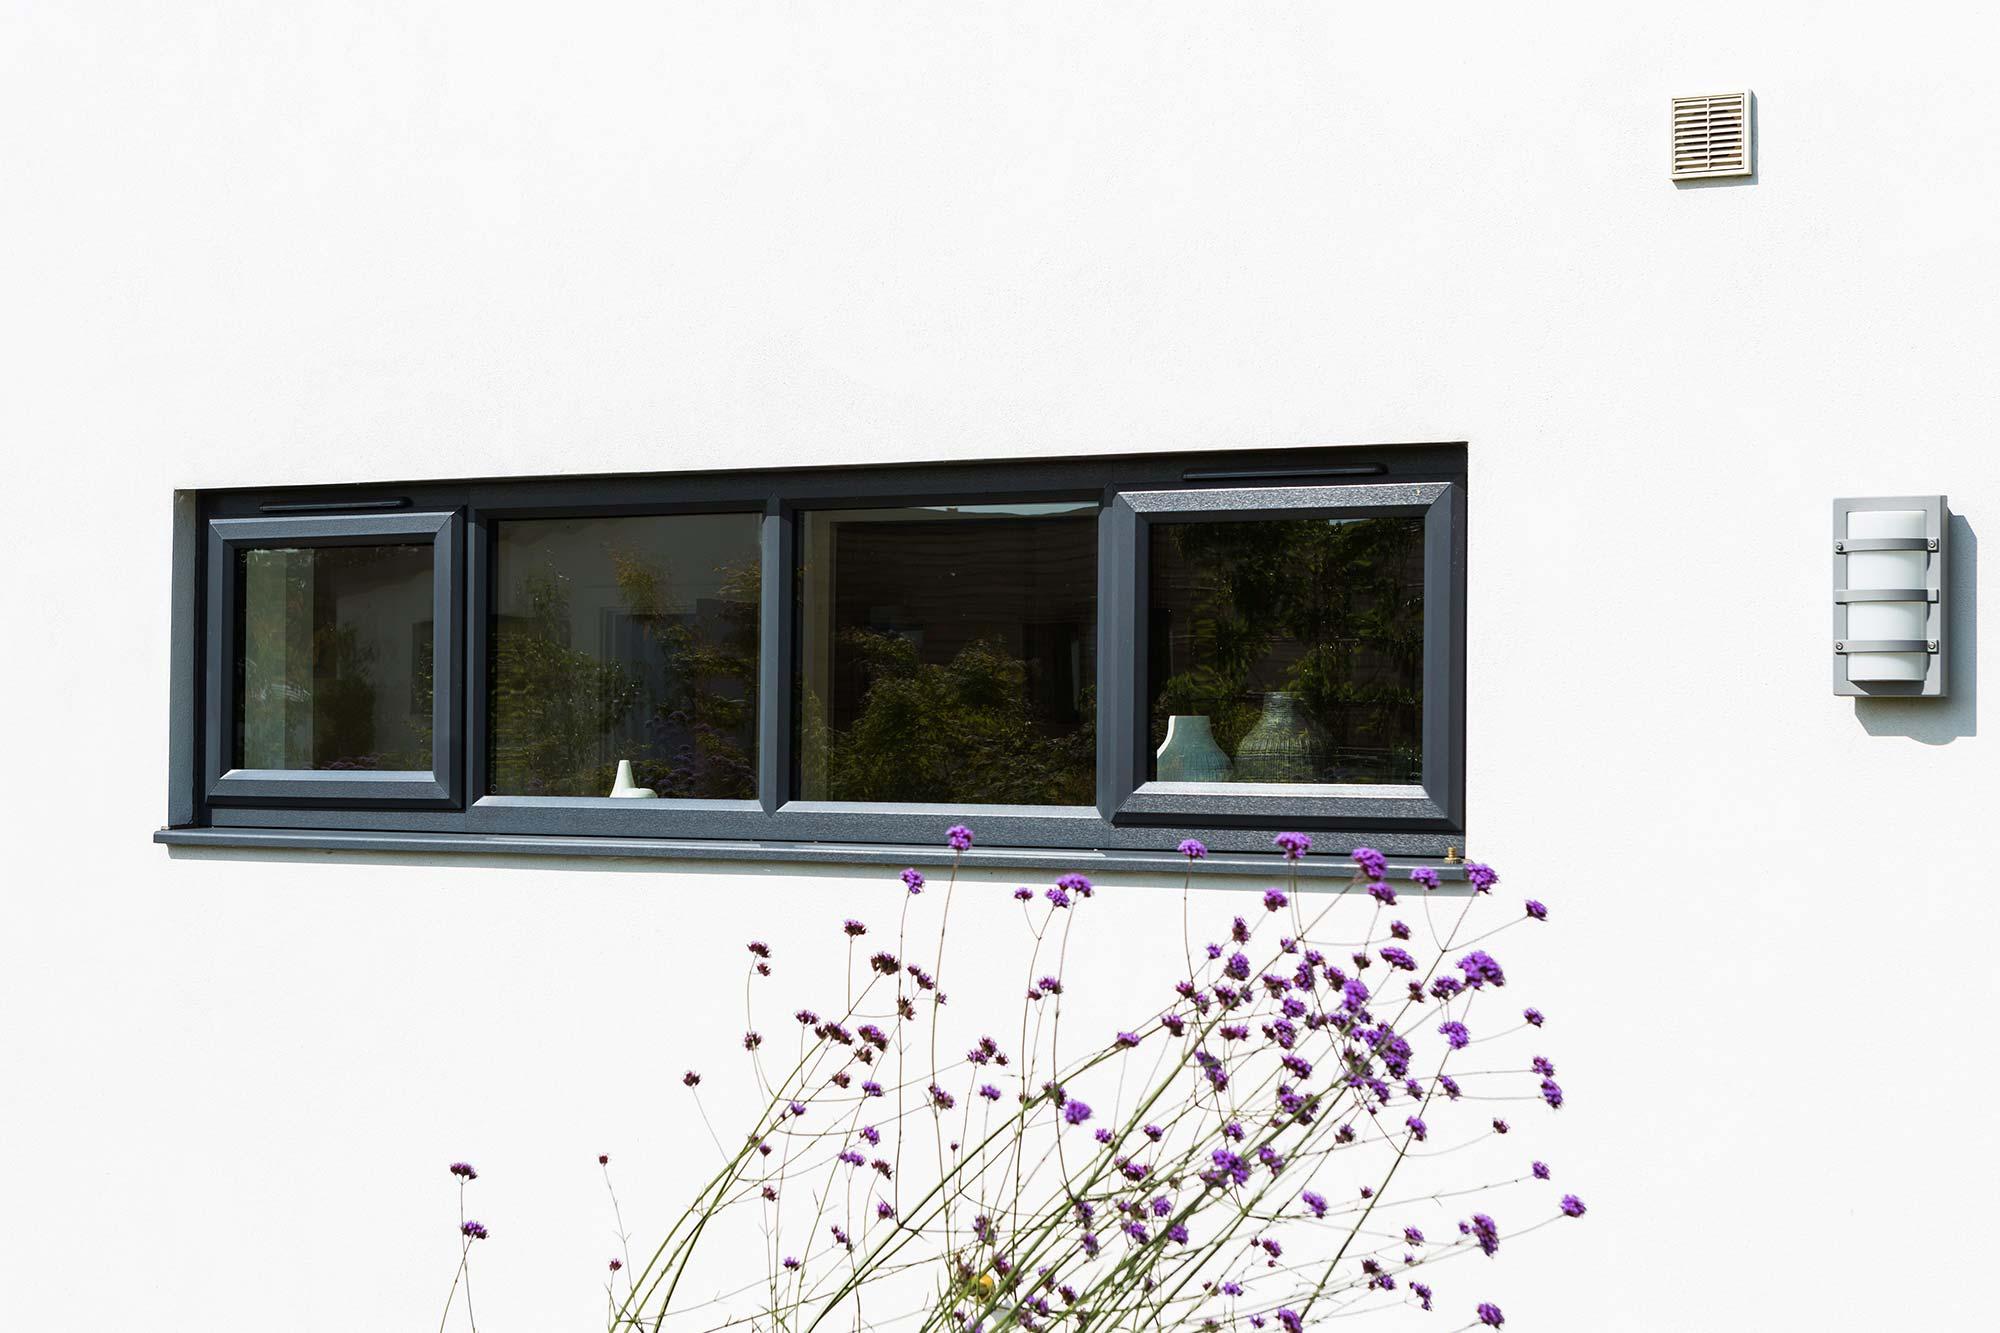 Replacement Windows in Stretford